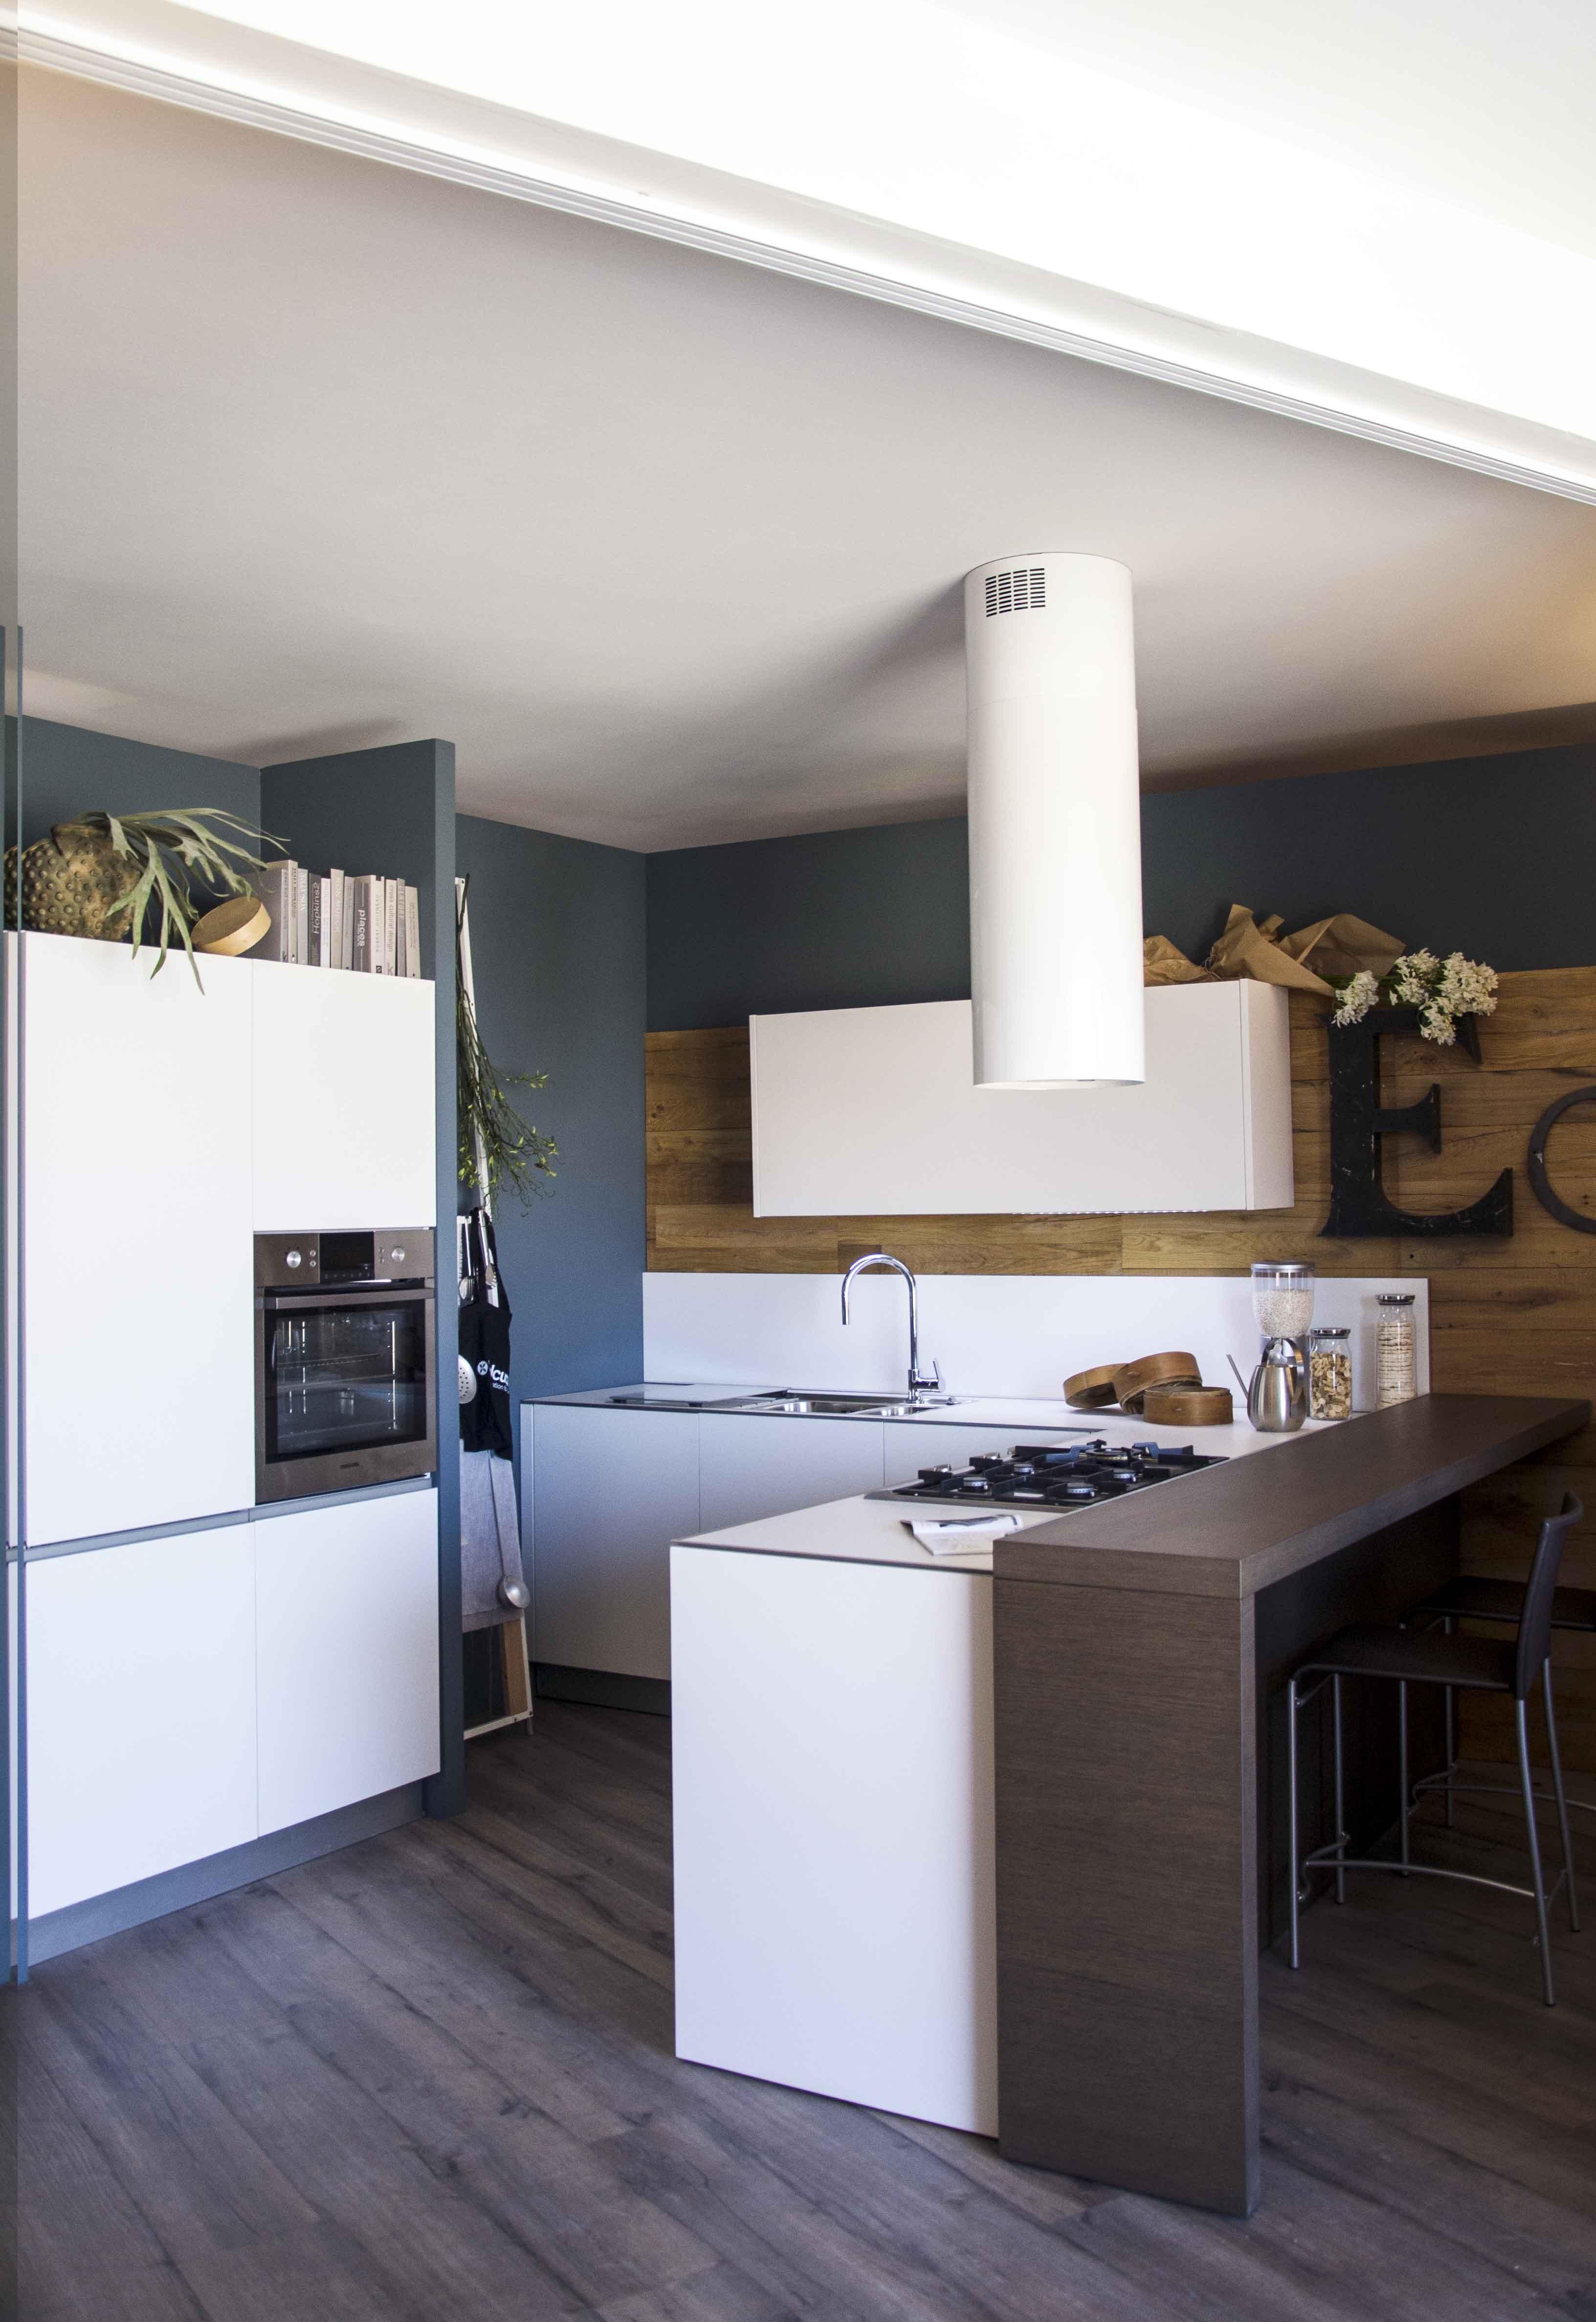 Cucina integra demode by valcucine composizione angolare - Cucina angolare con penisola ...